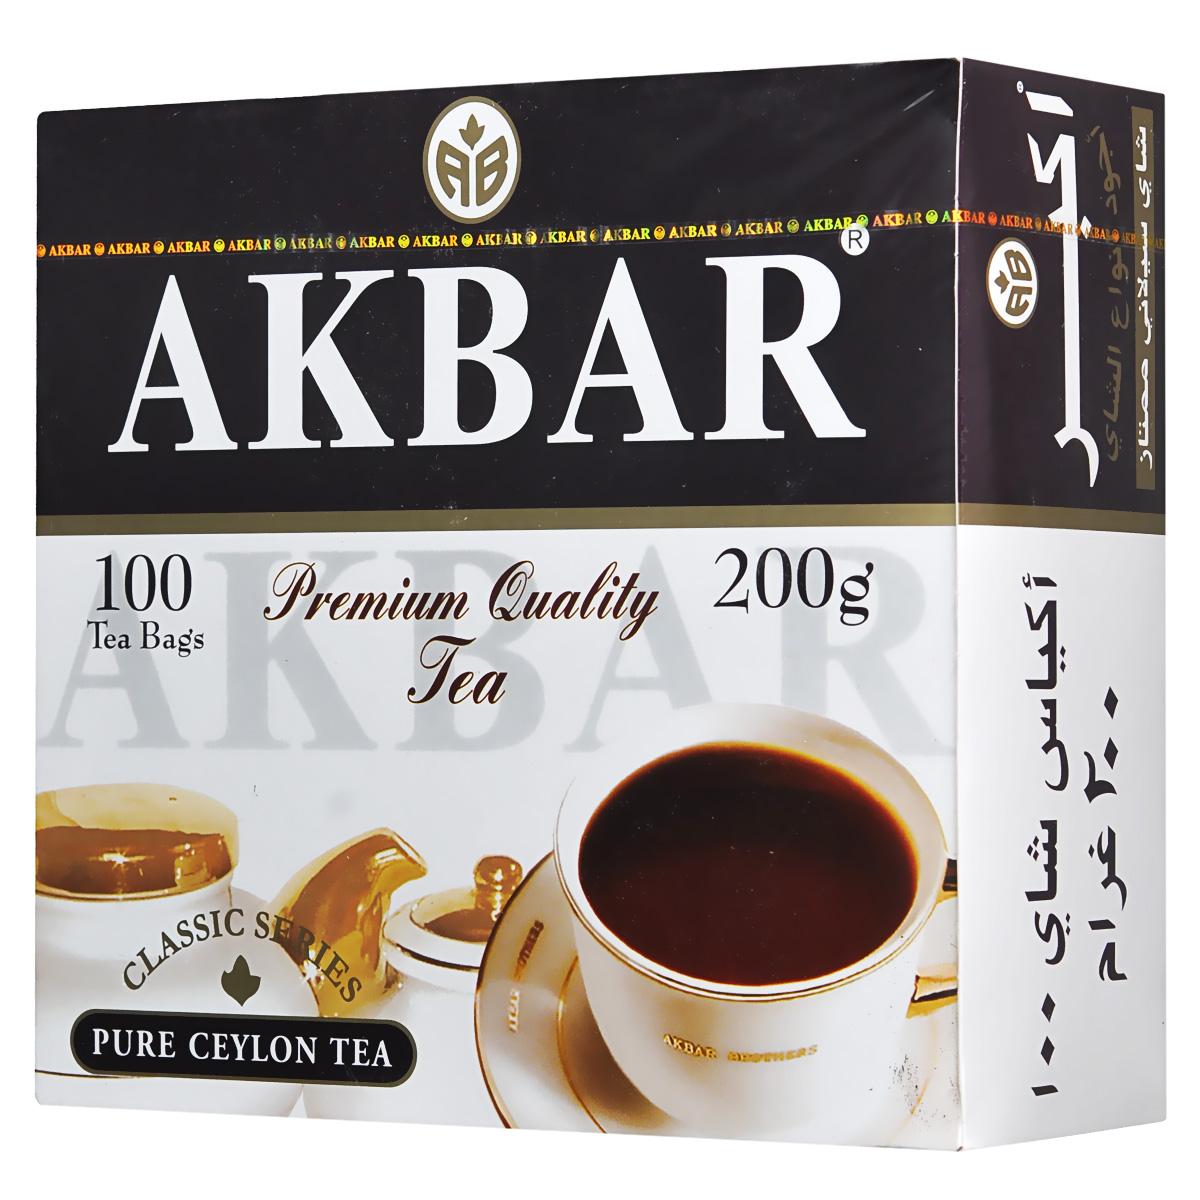 Akbar Классическая серия черный чай в пакетиках, 100 шт0120710Приверженность вековым традициям, неизменное постоянство вкуса и качества - вот секрет популярности чая Akbar Классическая серия у многих поколений любителей чая во всем мире. Выращенный исключительно на элитных плантациях Шри-Ланки, он объединяет в себе все лучшее, чем славится настоящий цейлонский чай: богатый аромат, тонизирующий вкус, неповторимая свежесть, насыщенный цвет настоя.